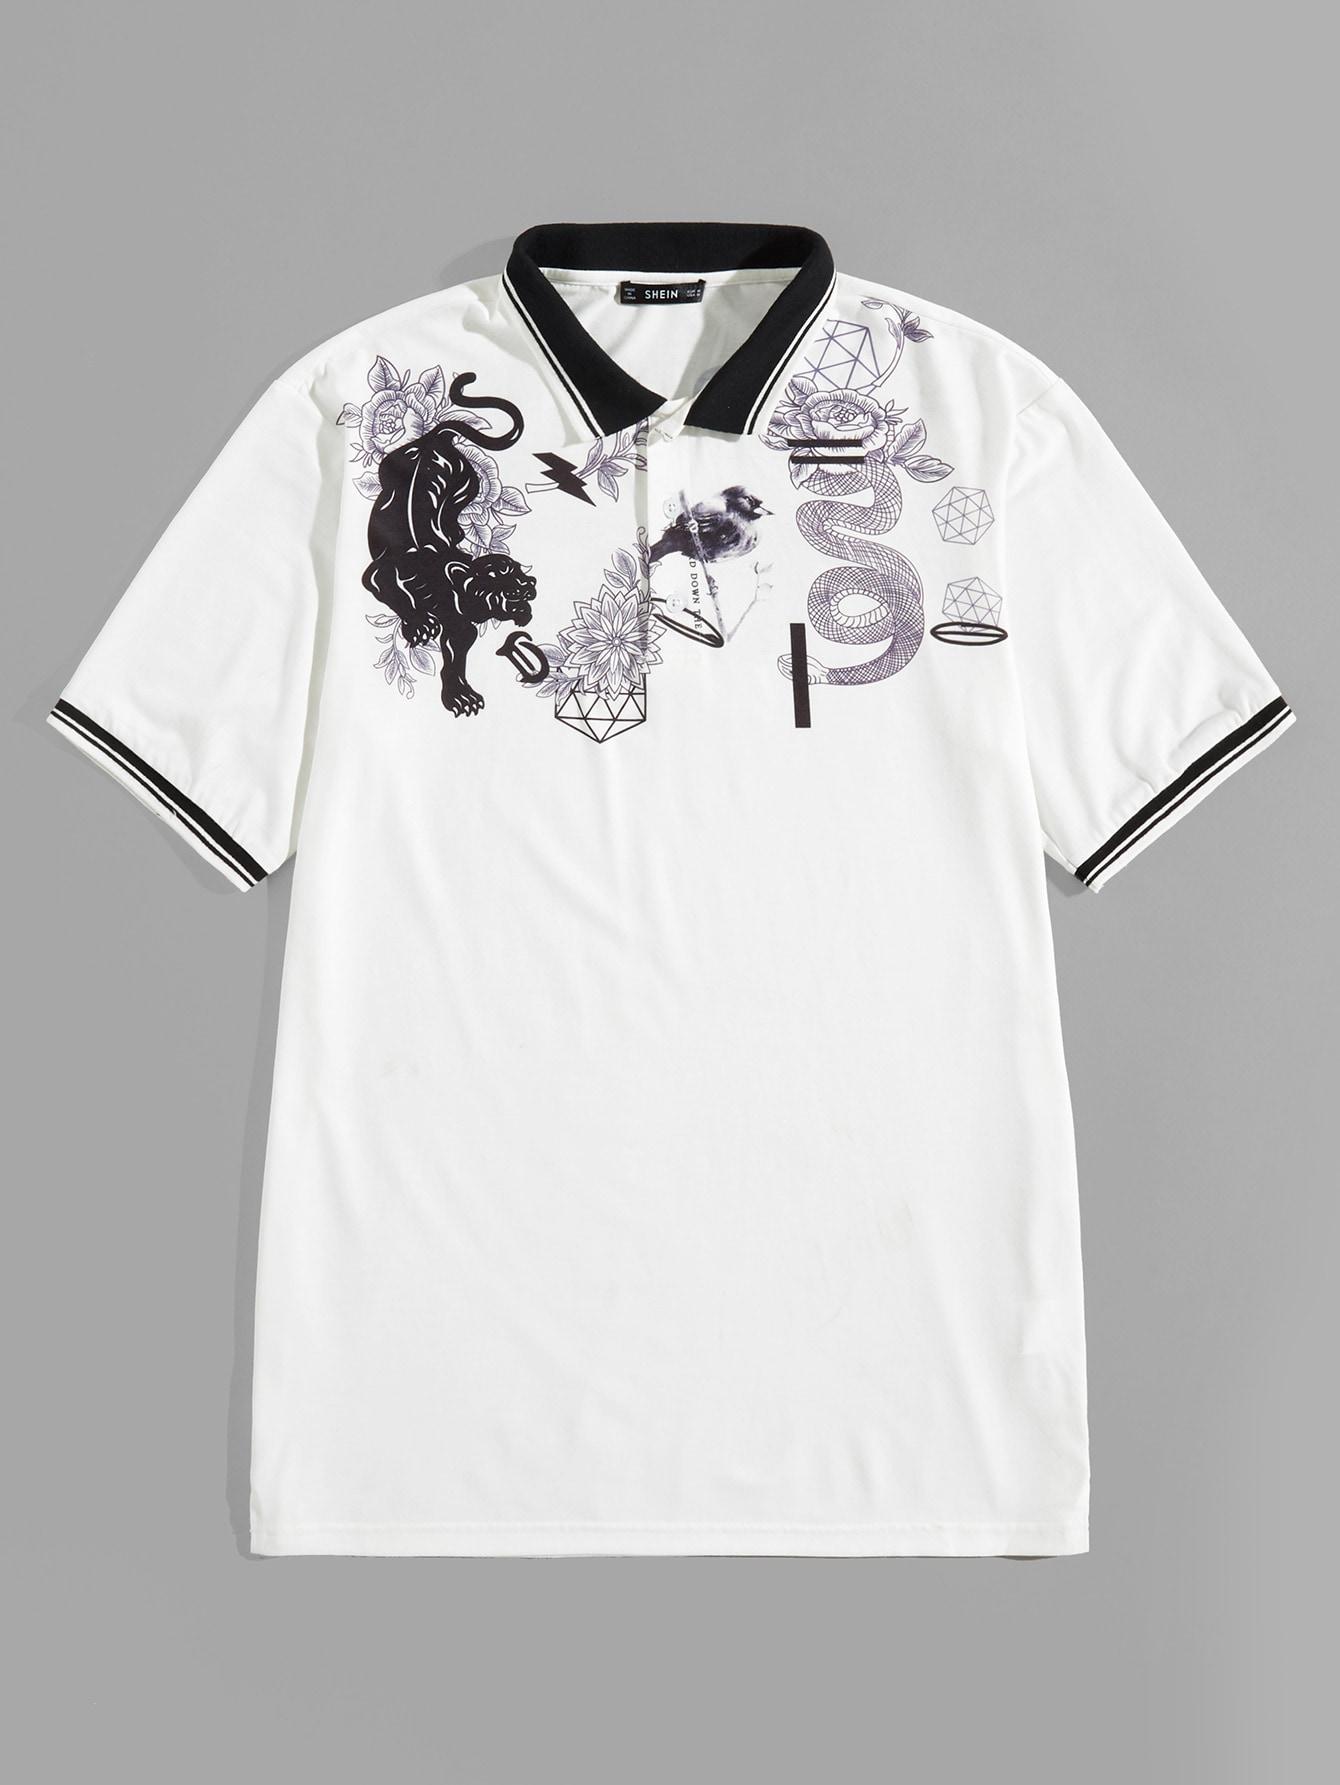 Купить Мужская рубашка-поло с контрастным вырезом и принтом животных, null, SheIn